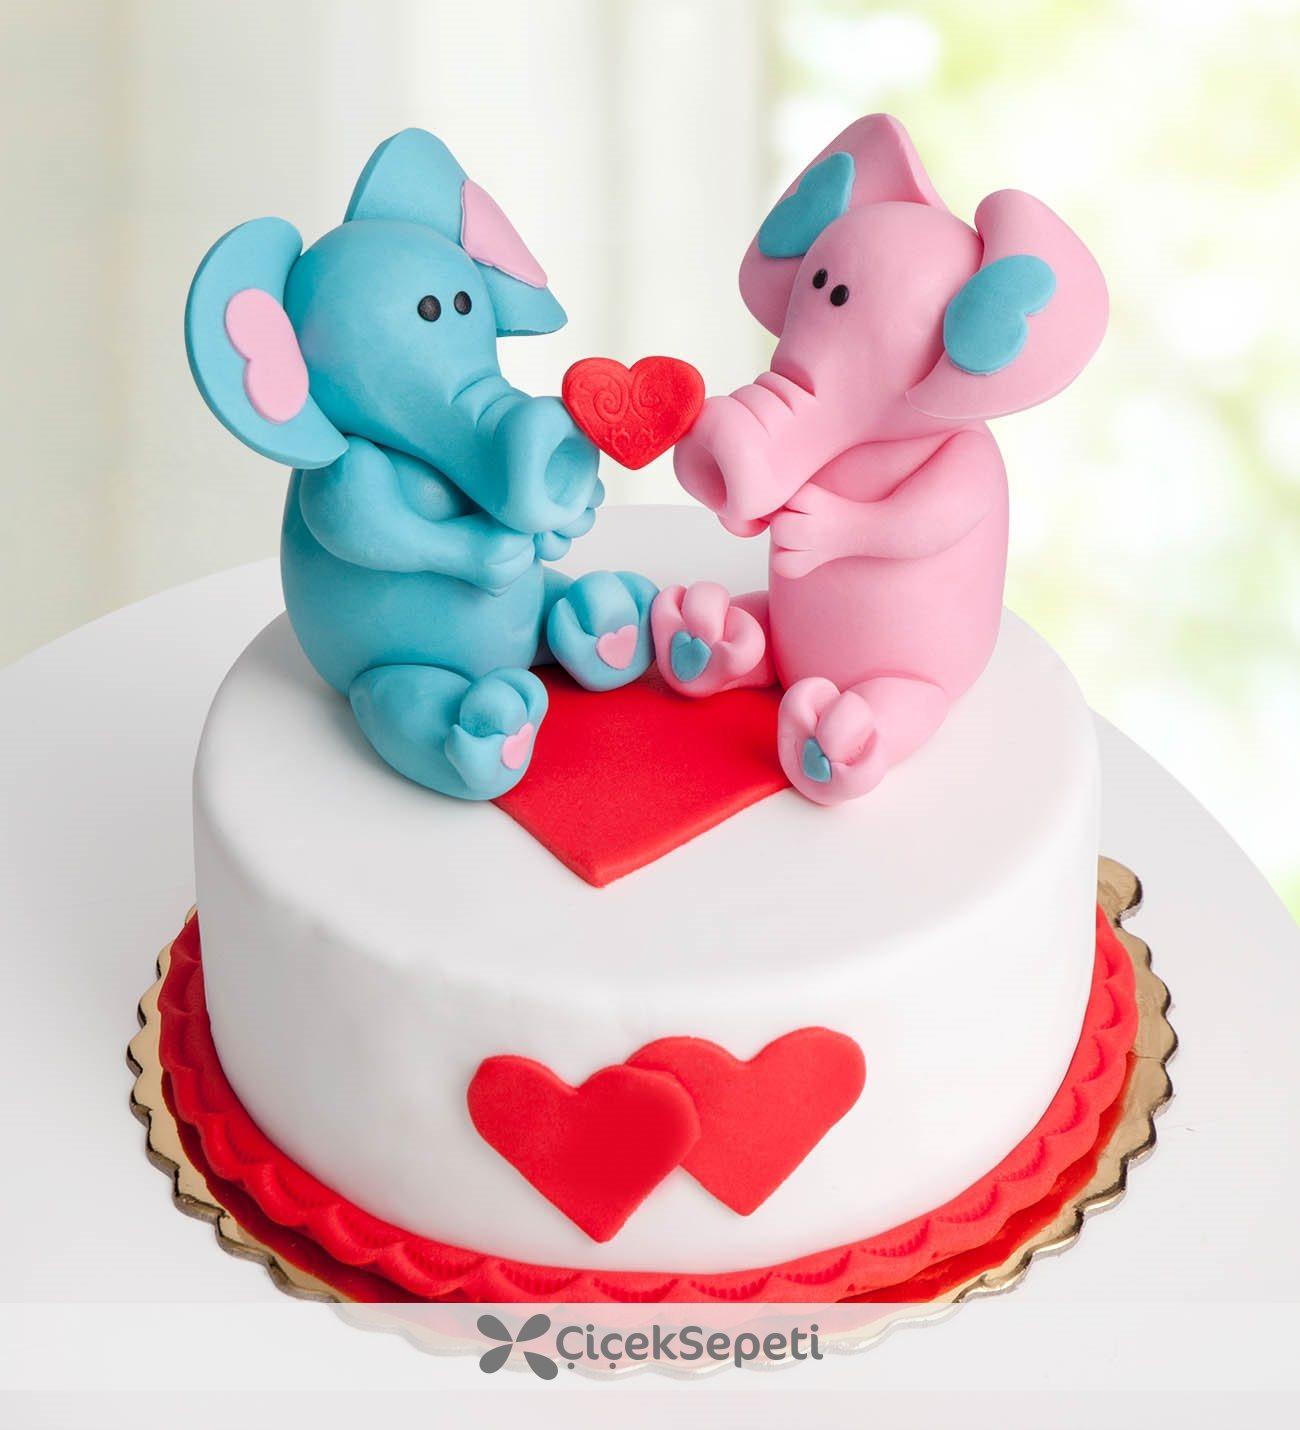 Sevgiliniz İçin Romantik Pasta Modelleri